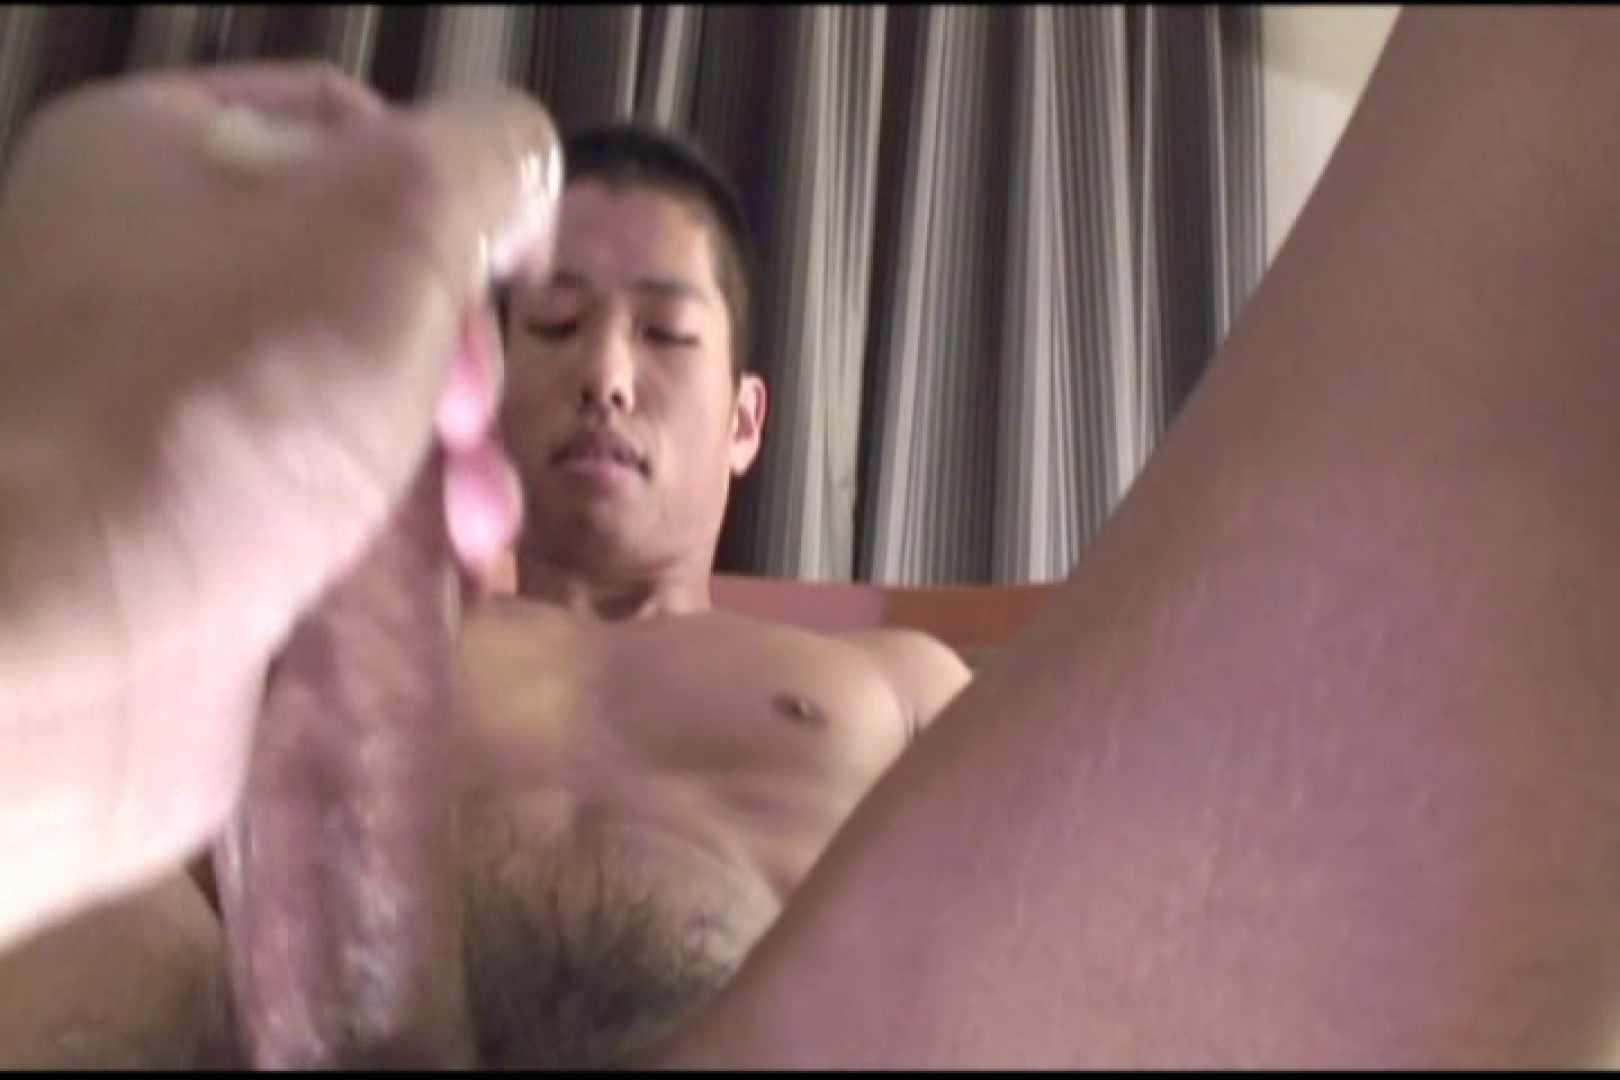 アヘ顔が最高!アナル中毒VOL.02 男  78pic 7